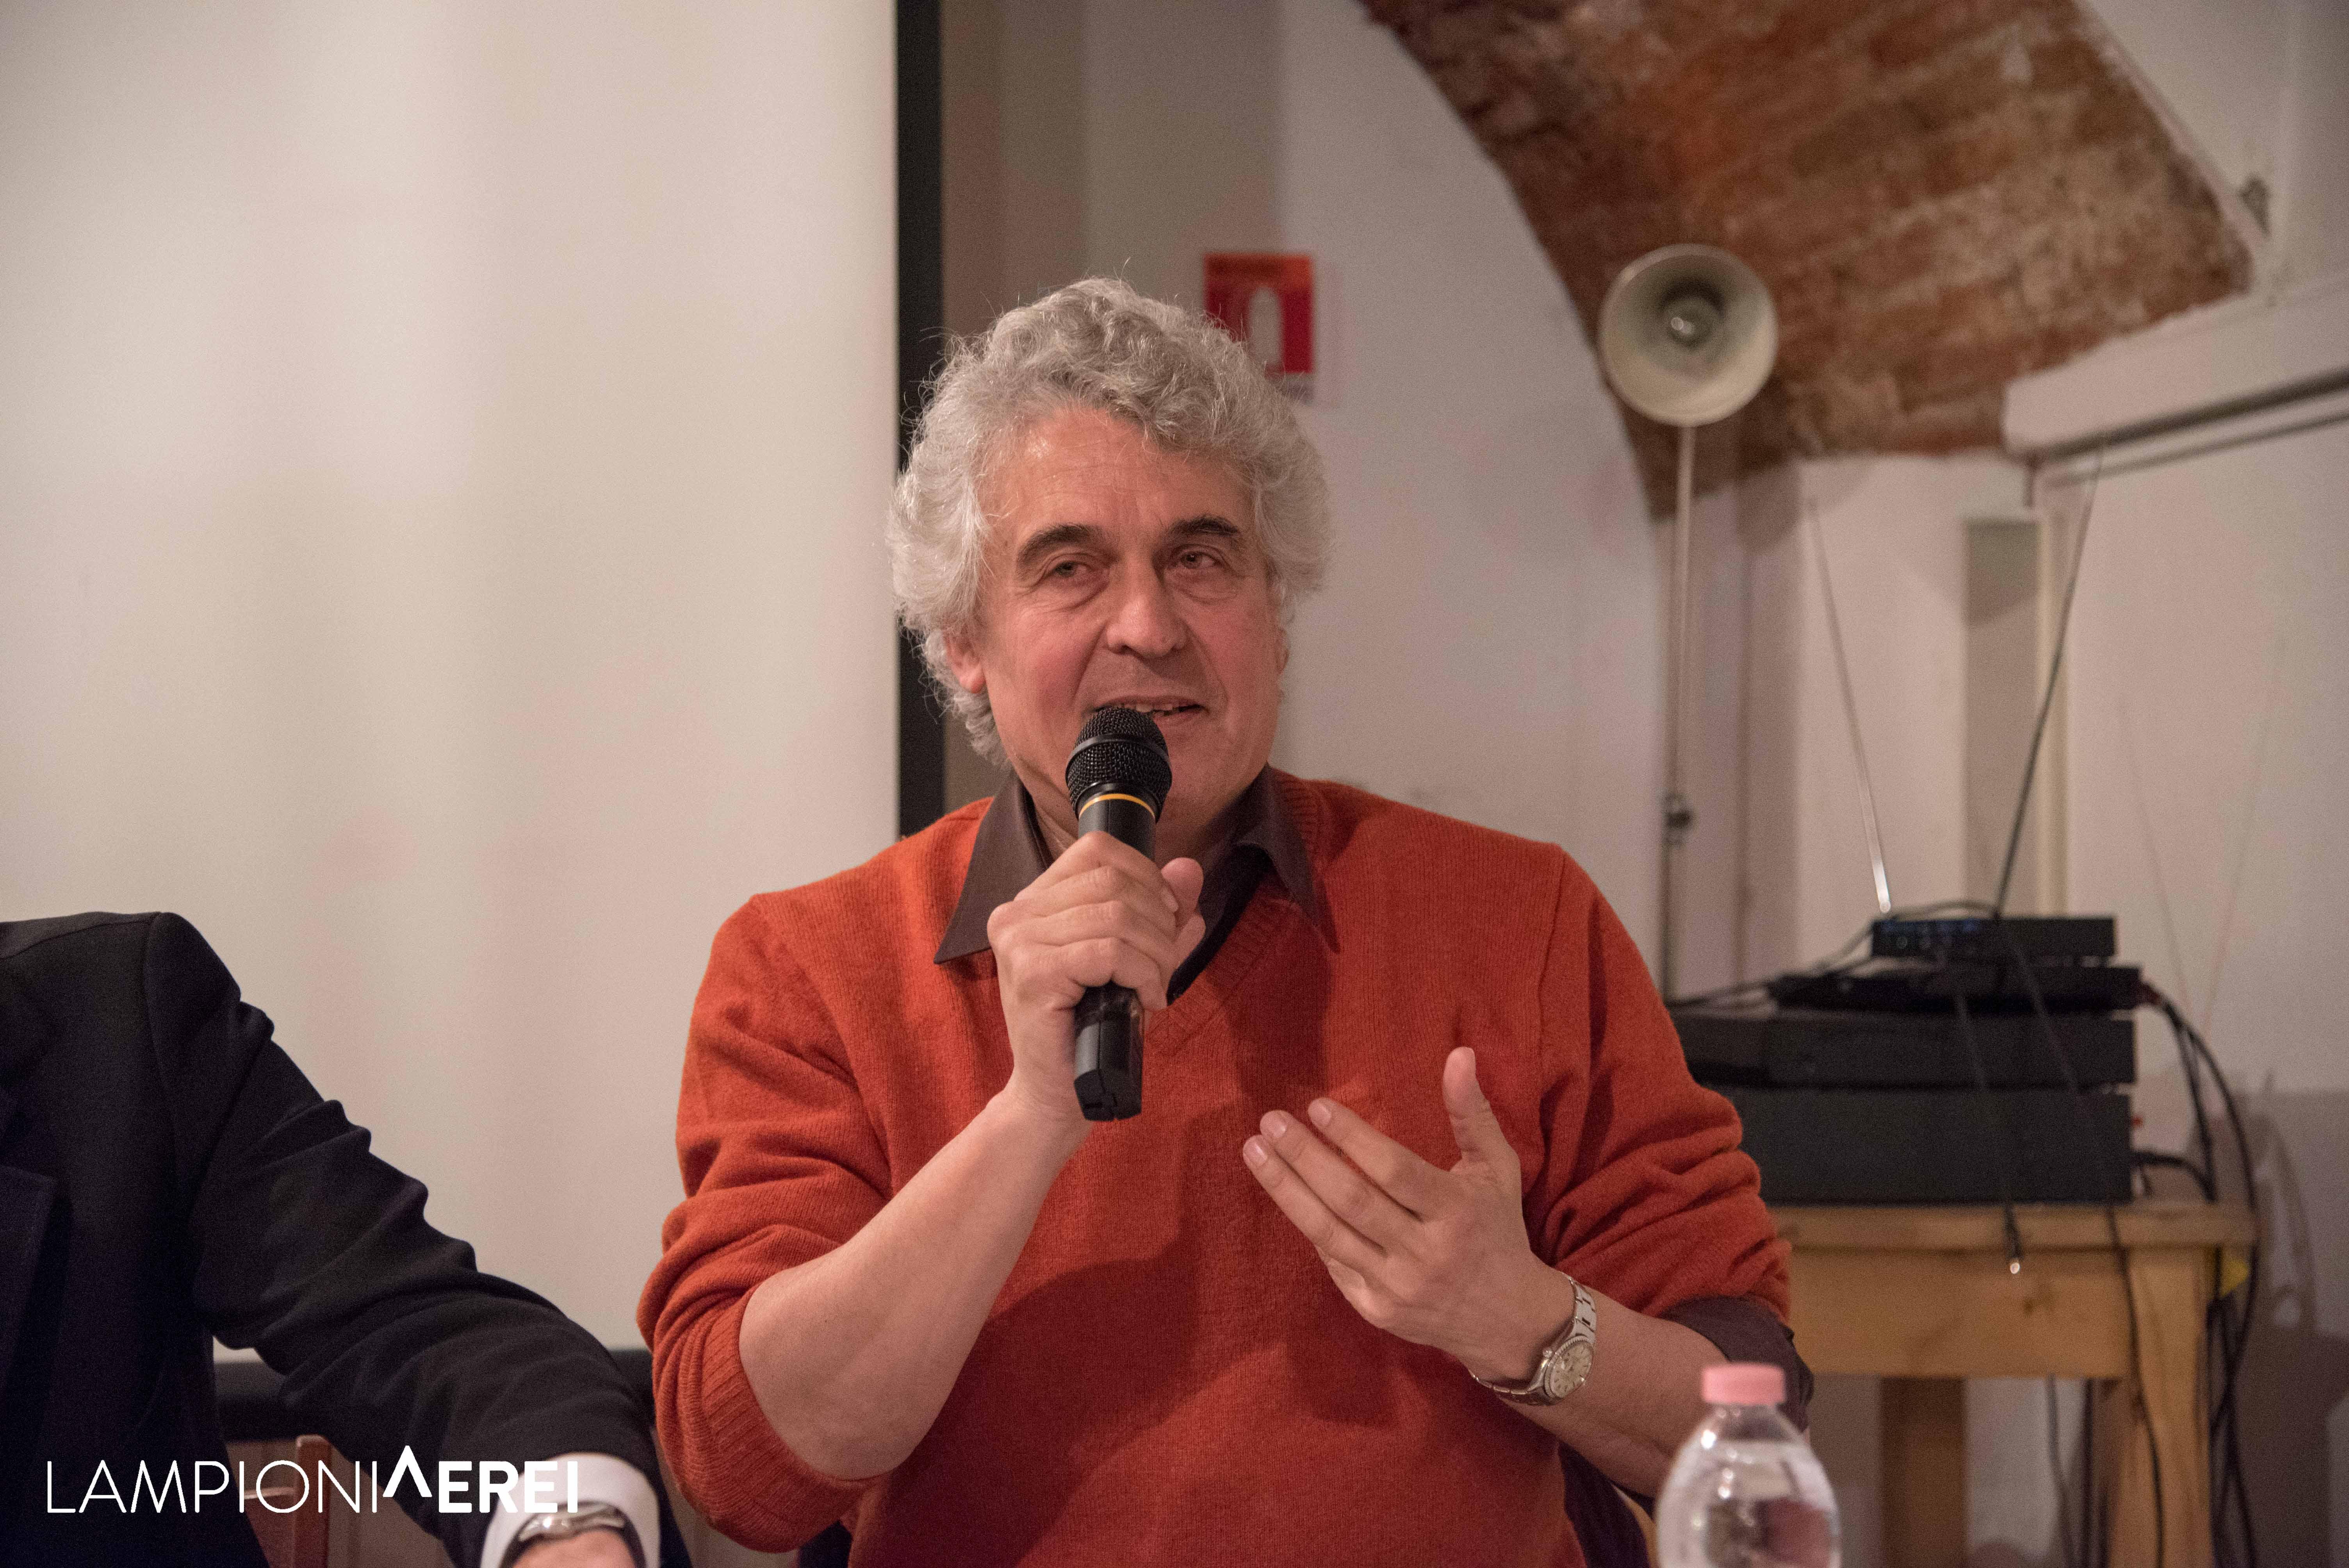 Fabio Pusterla Michele Milani Cristiano Poletti Francesco Ottonello MediumPoesia Rassegna Poesia e Contemporaneo ChiAmaMilano Strumenti critici e diffusione della poesia Letteratura poesia contemporanea